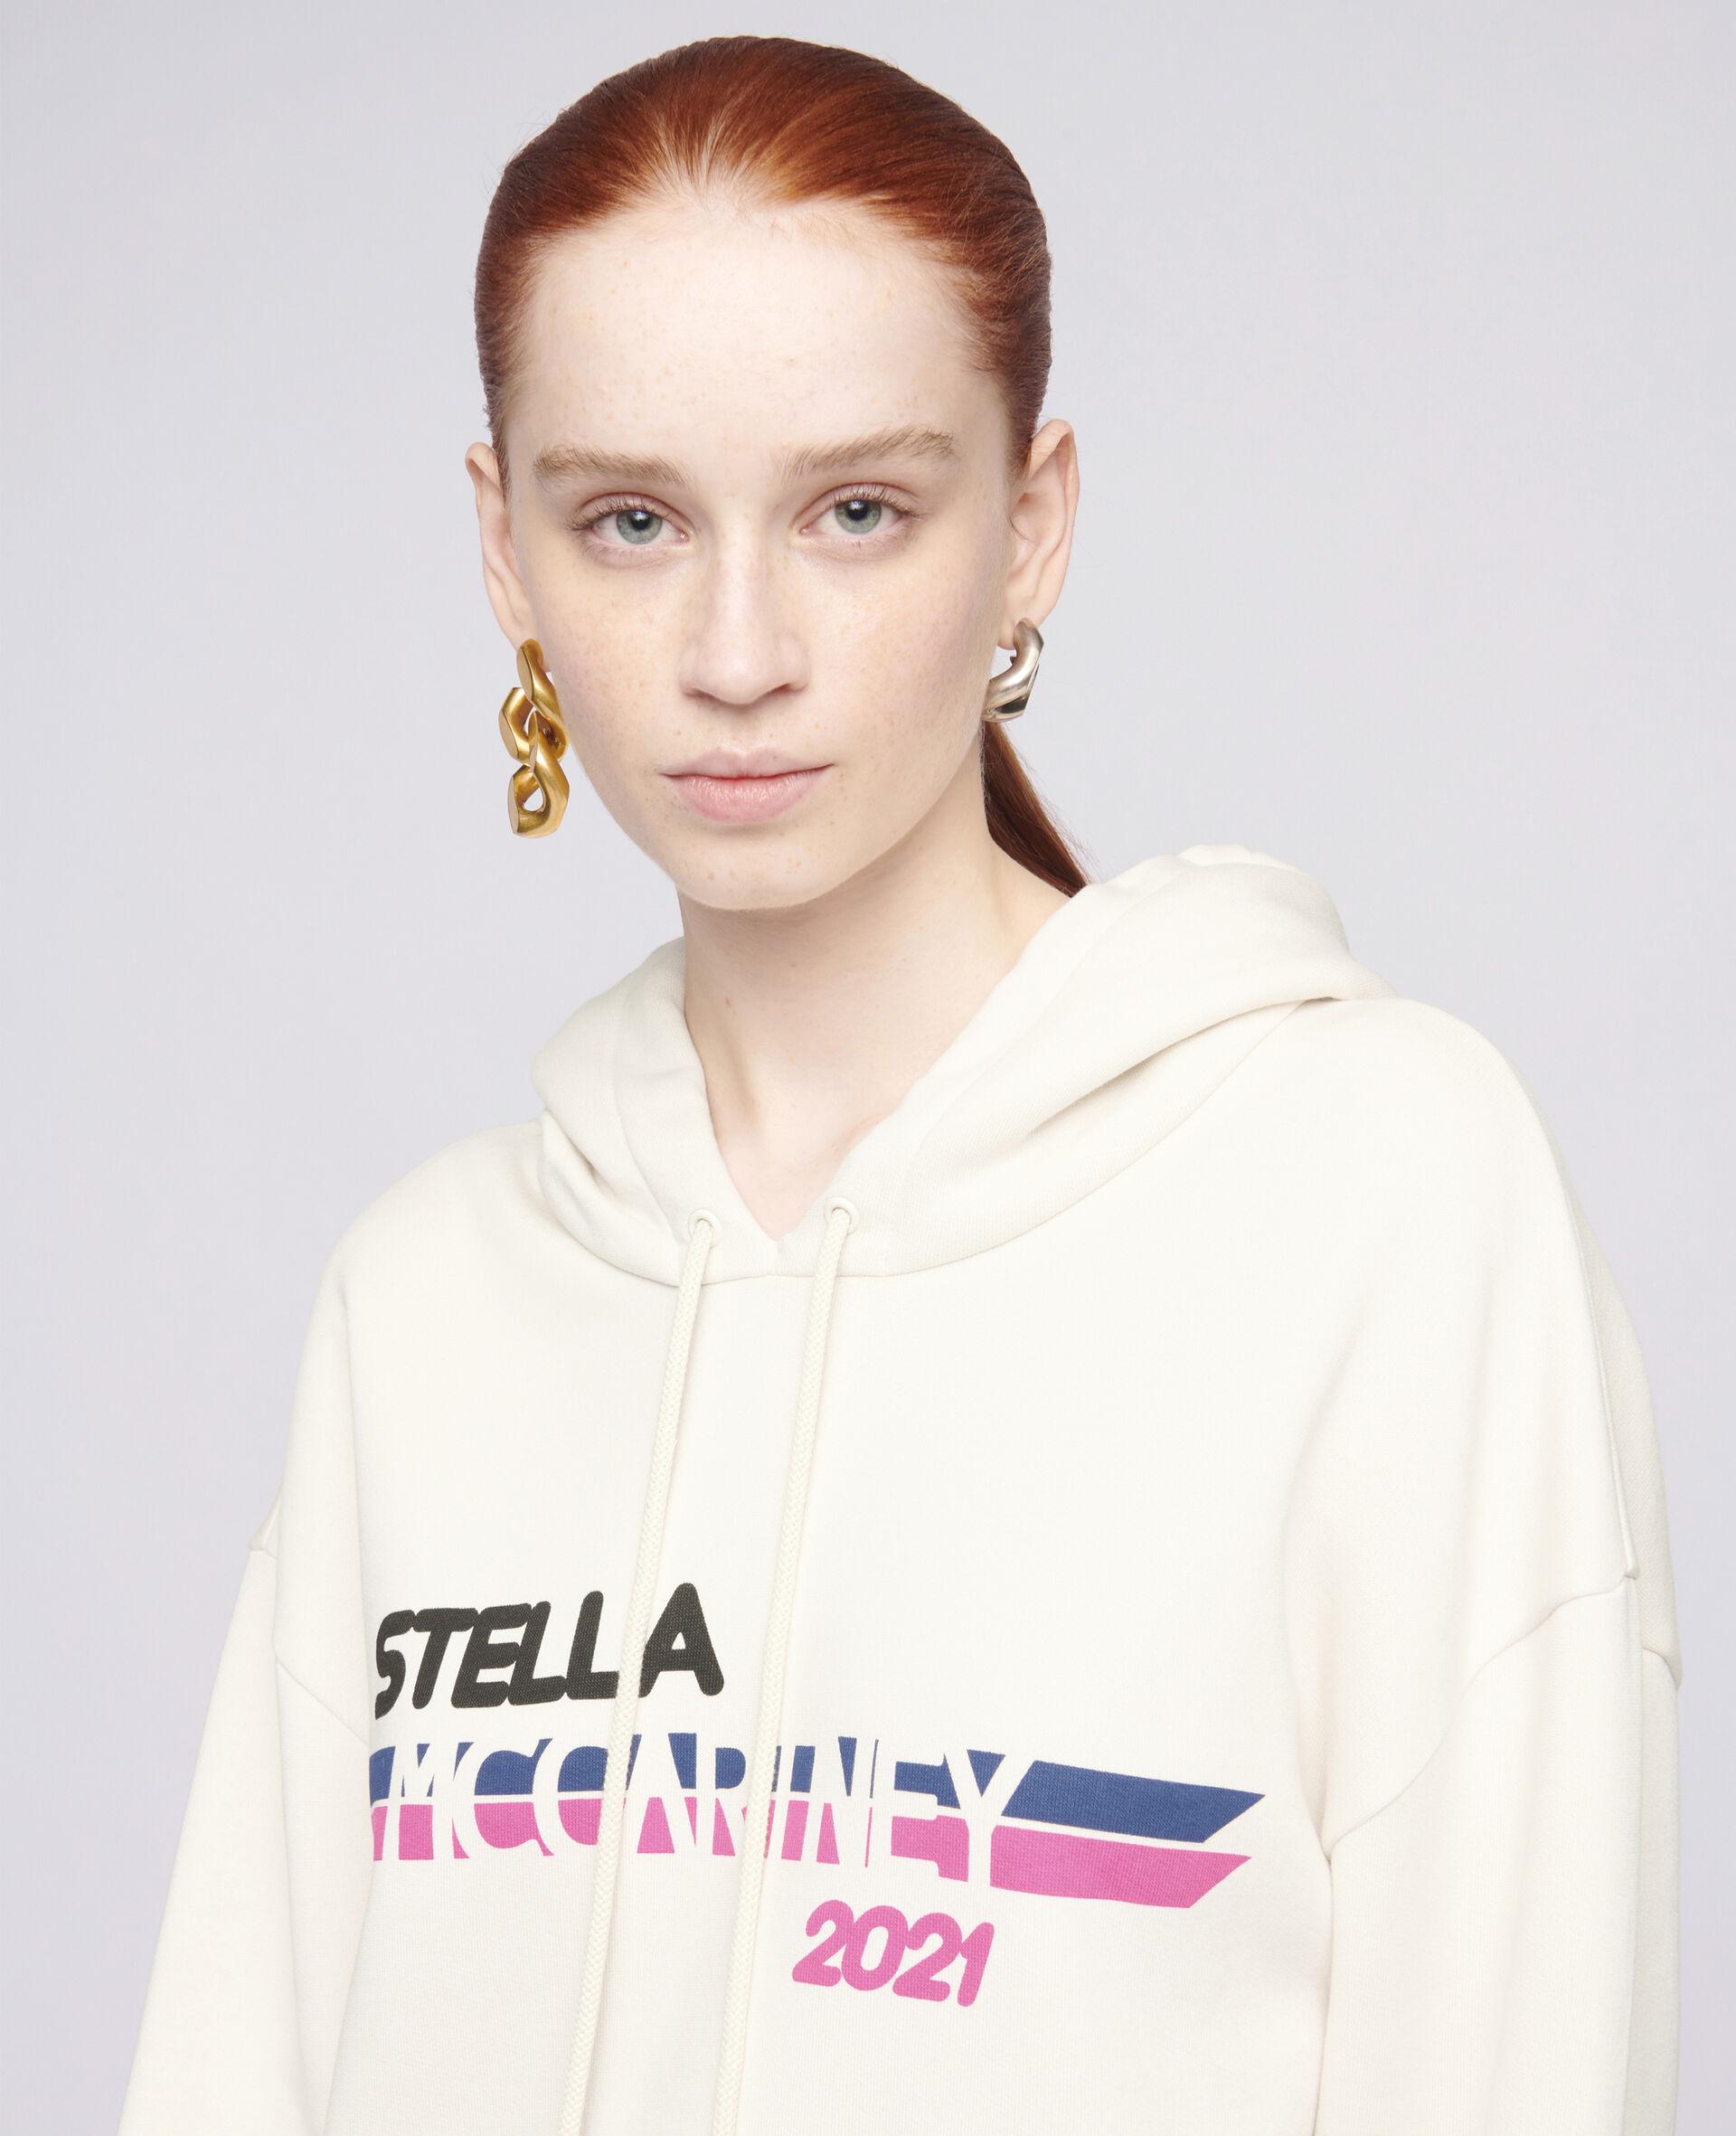 Stella McCartney 2021 Kapuzenpullover mit Logo-Weiß-large image number 3